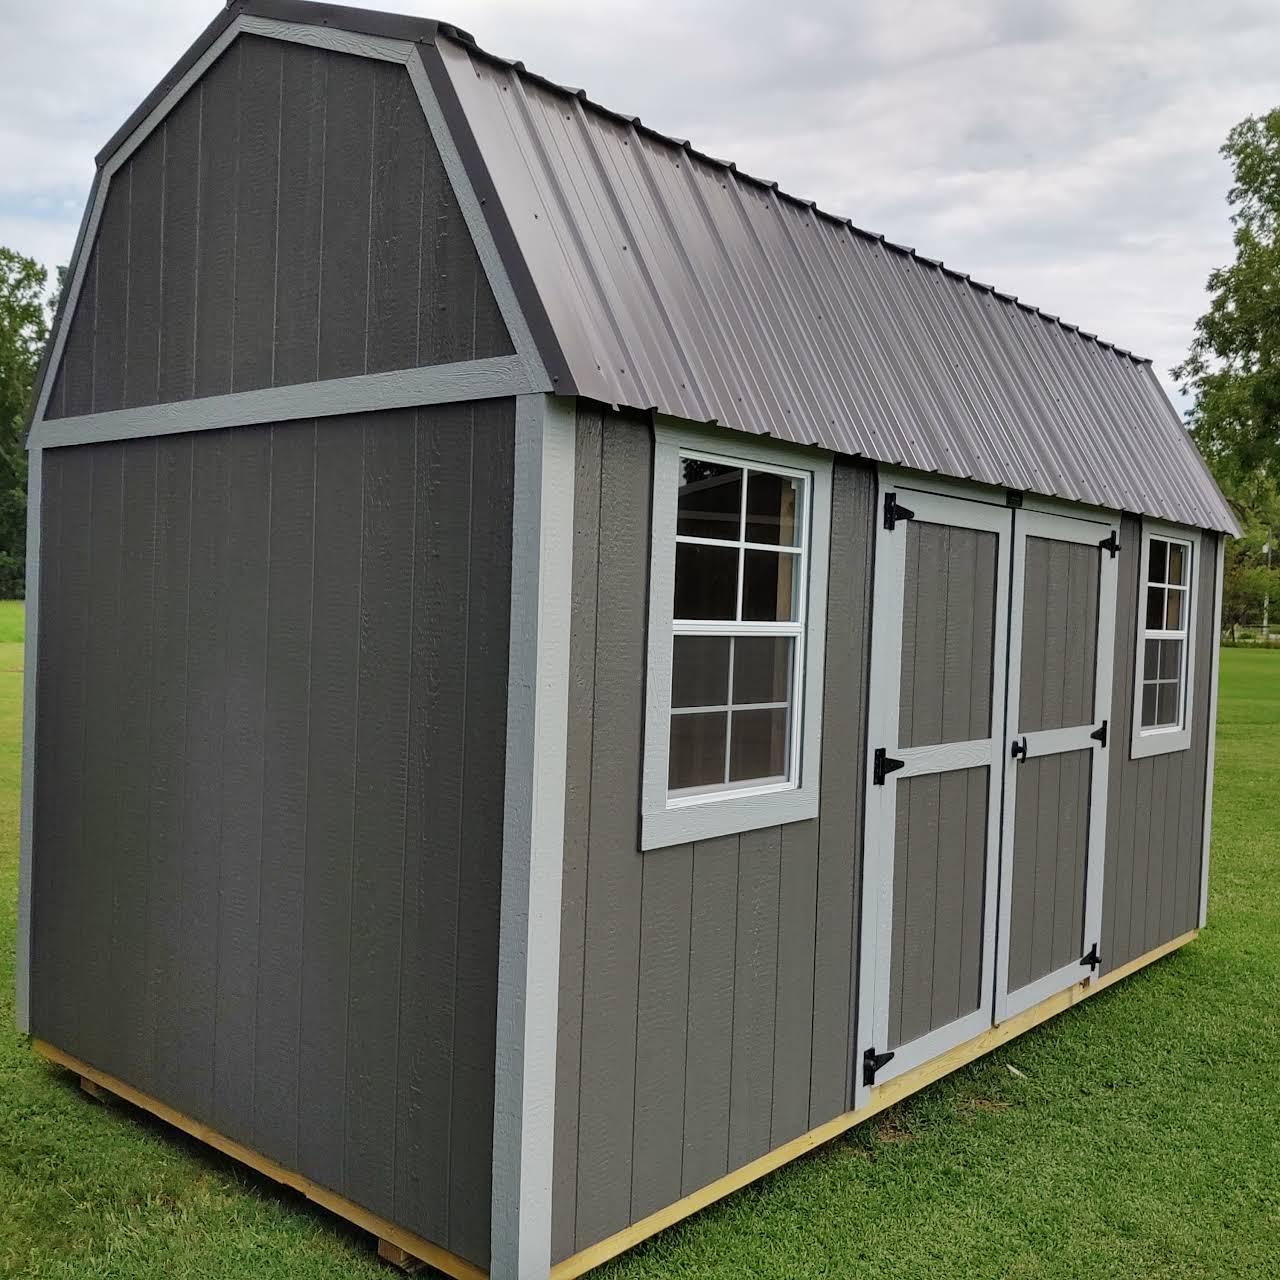 Premier Portable Buildings - Portable Building Manufacturer